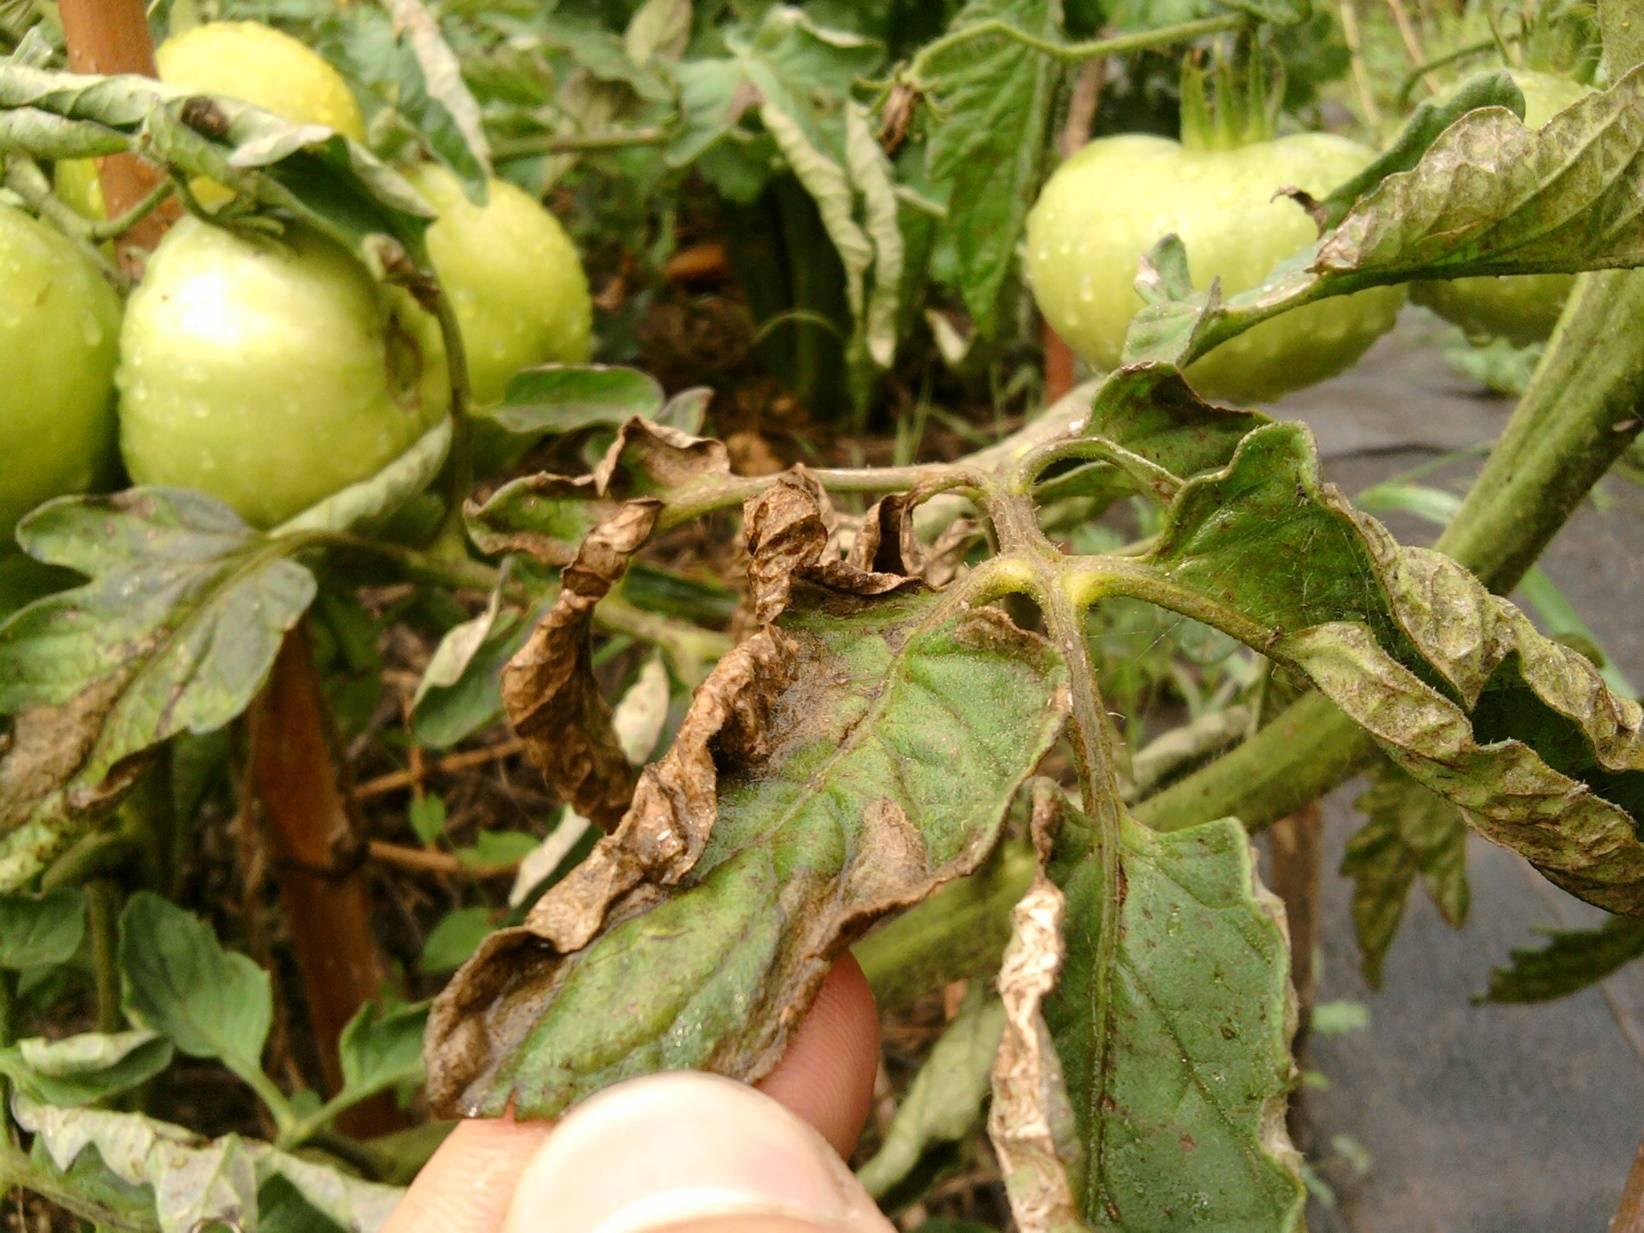 Болезни рассады томатов (помидоров) и их лечение в домашних условиях, что делать, если листья желтеют, сохнут, скручиваются и прочее